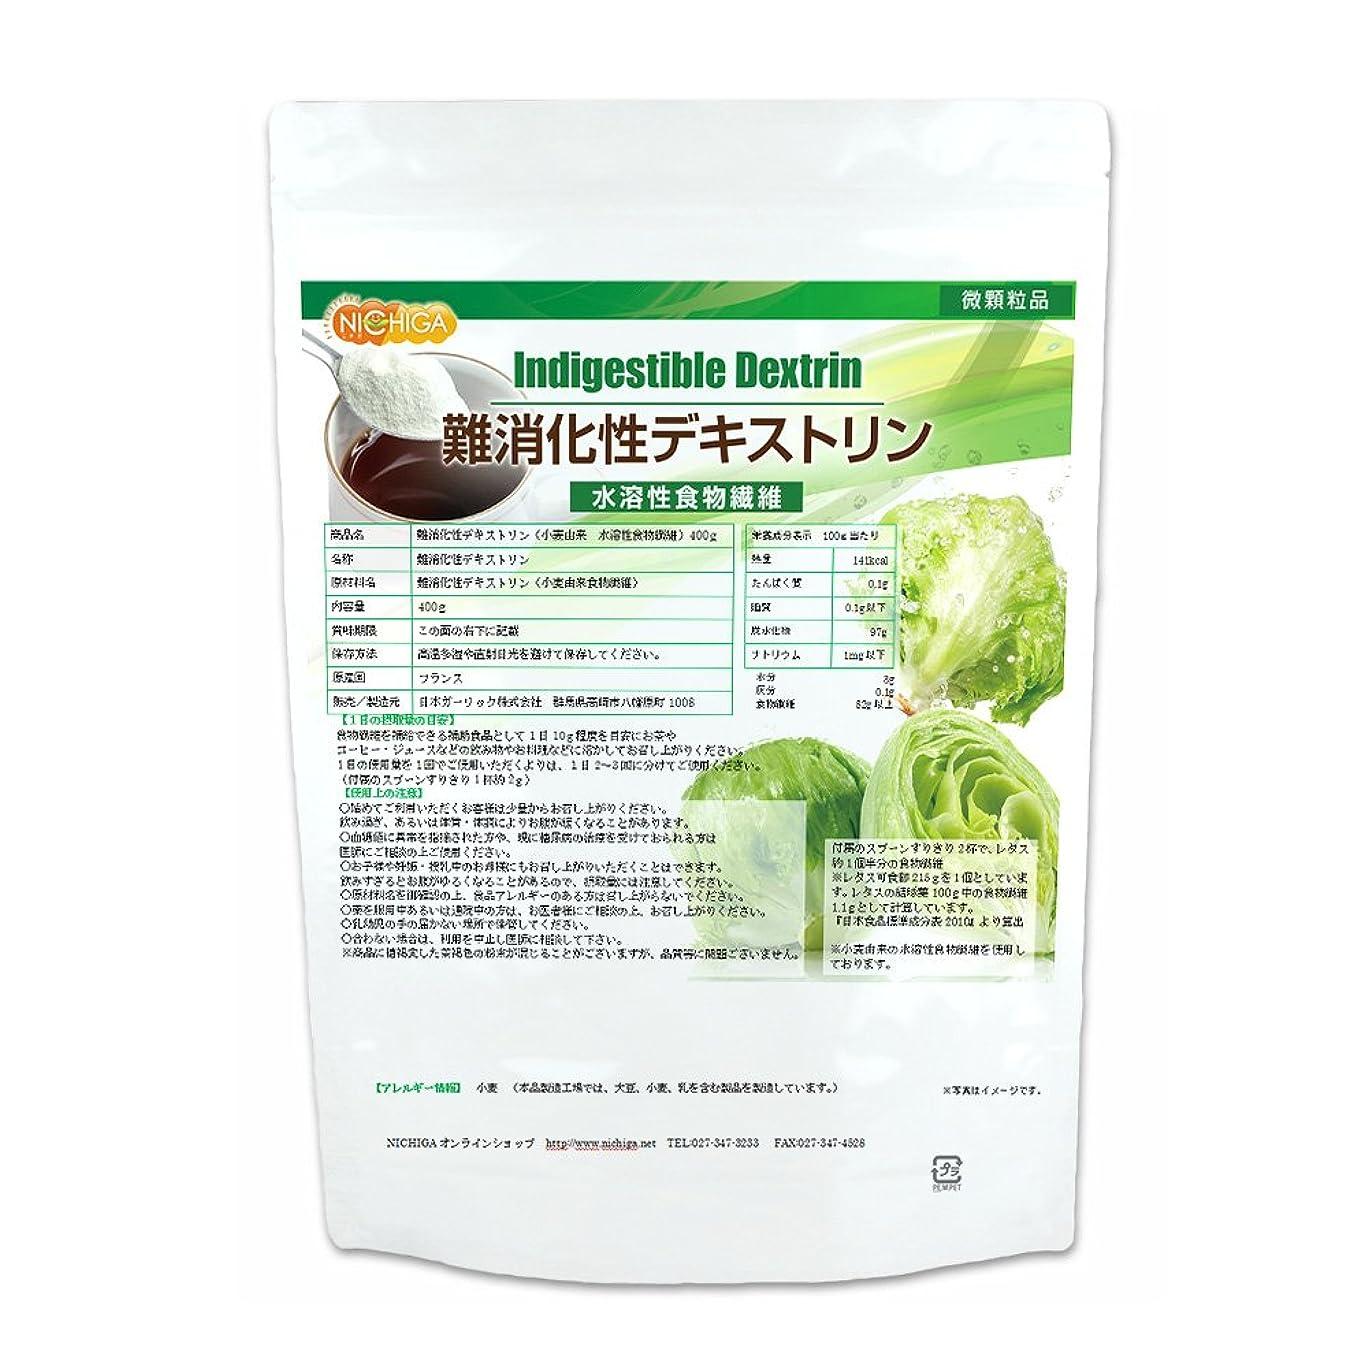 コールドトチの実の木十分に難消化性デキストリン(dextrin)400g 水溶性食物繊維 微顆粒品 デキストリンのみ甘味なし [01] NICHIGA(ニチガ)